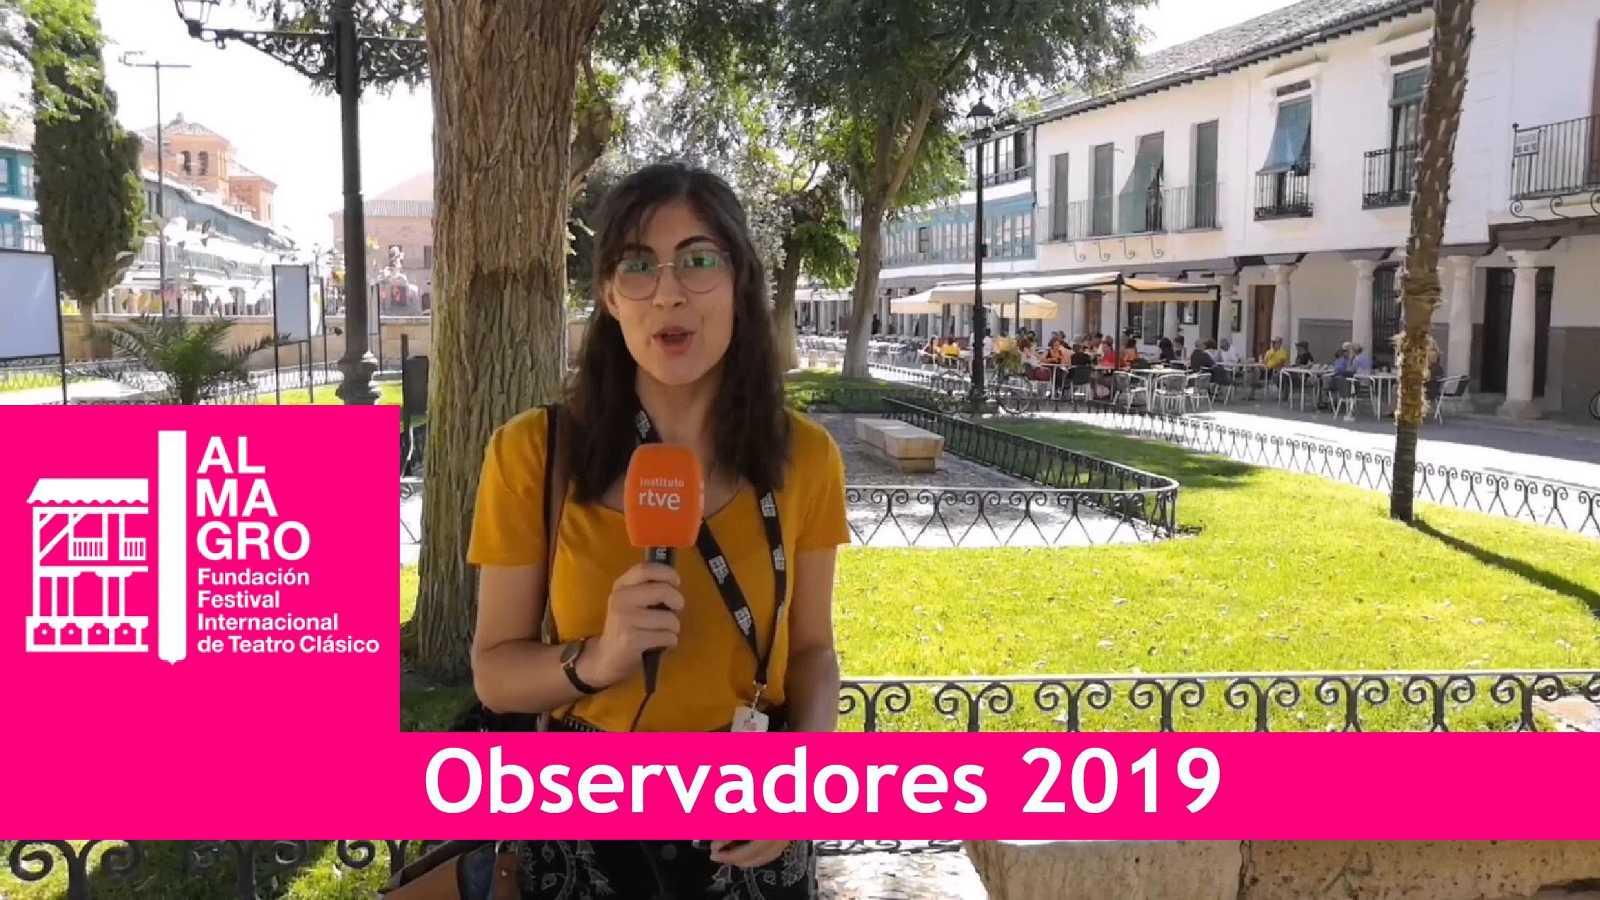 Almagro 2019 - El mejor mes de la hostelería almagreña